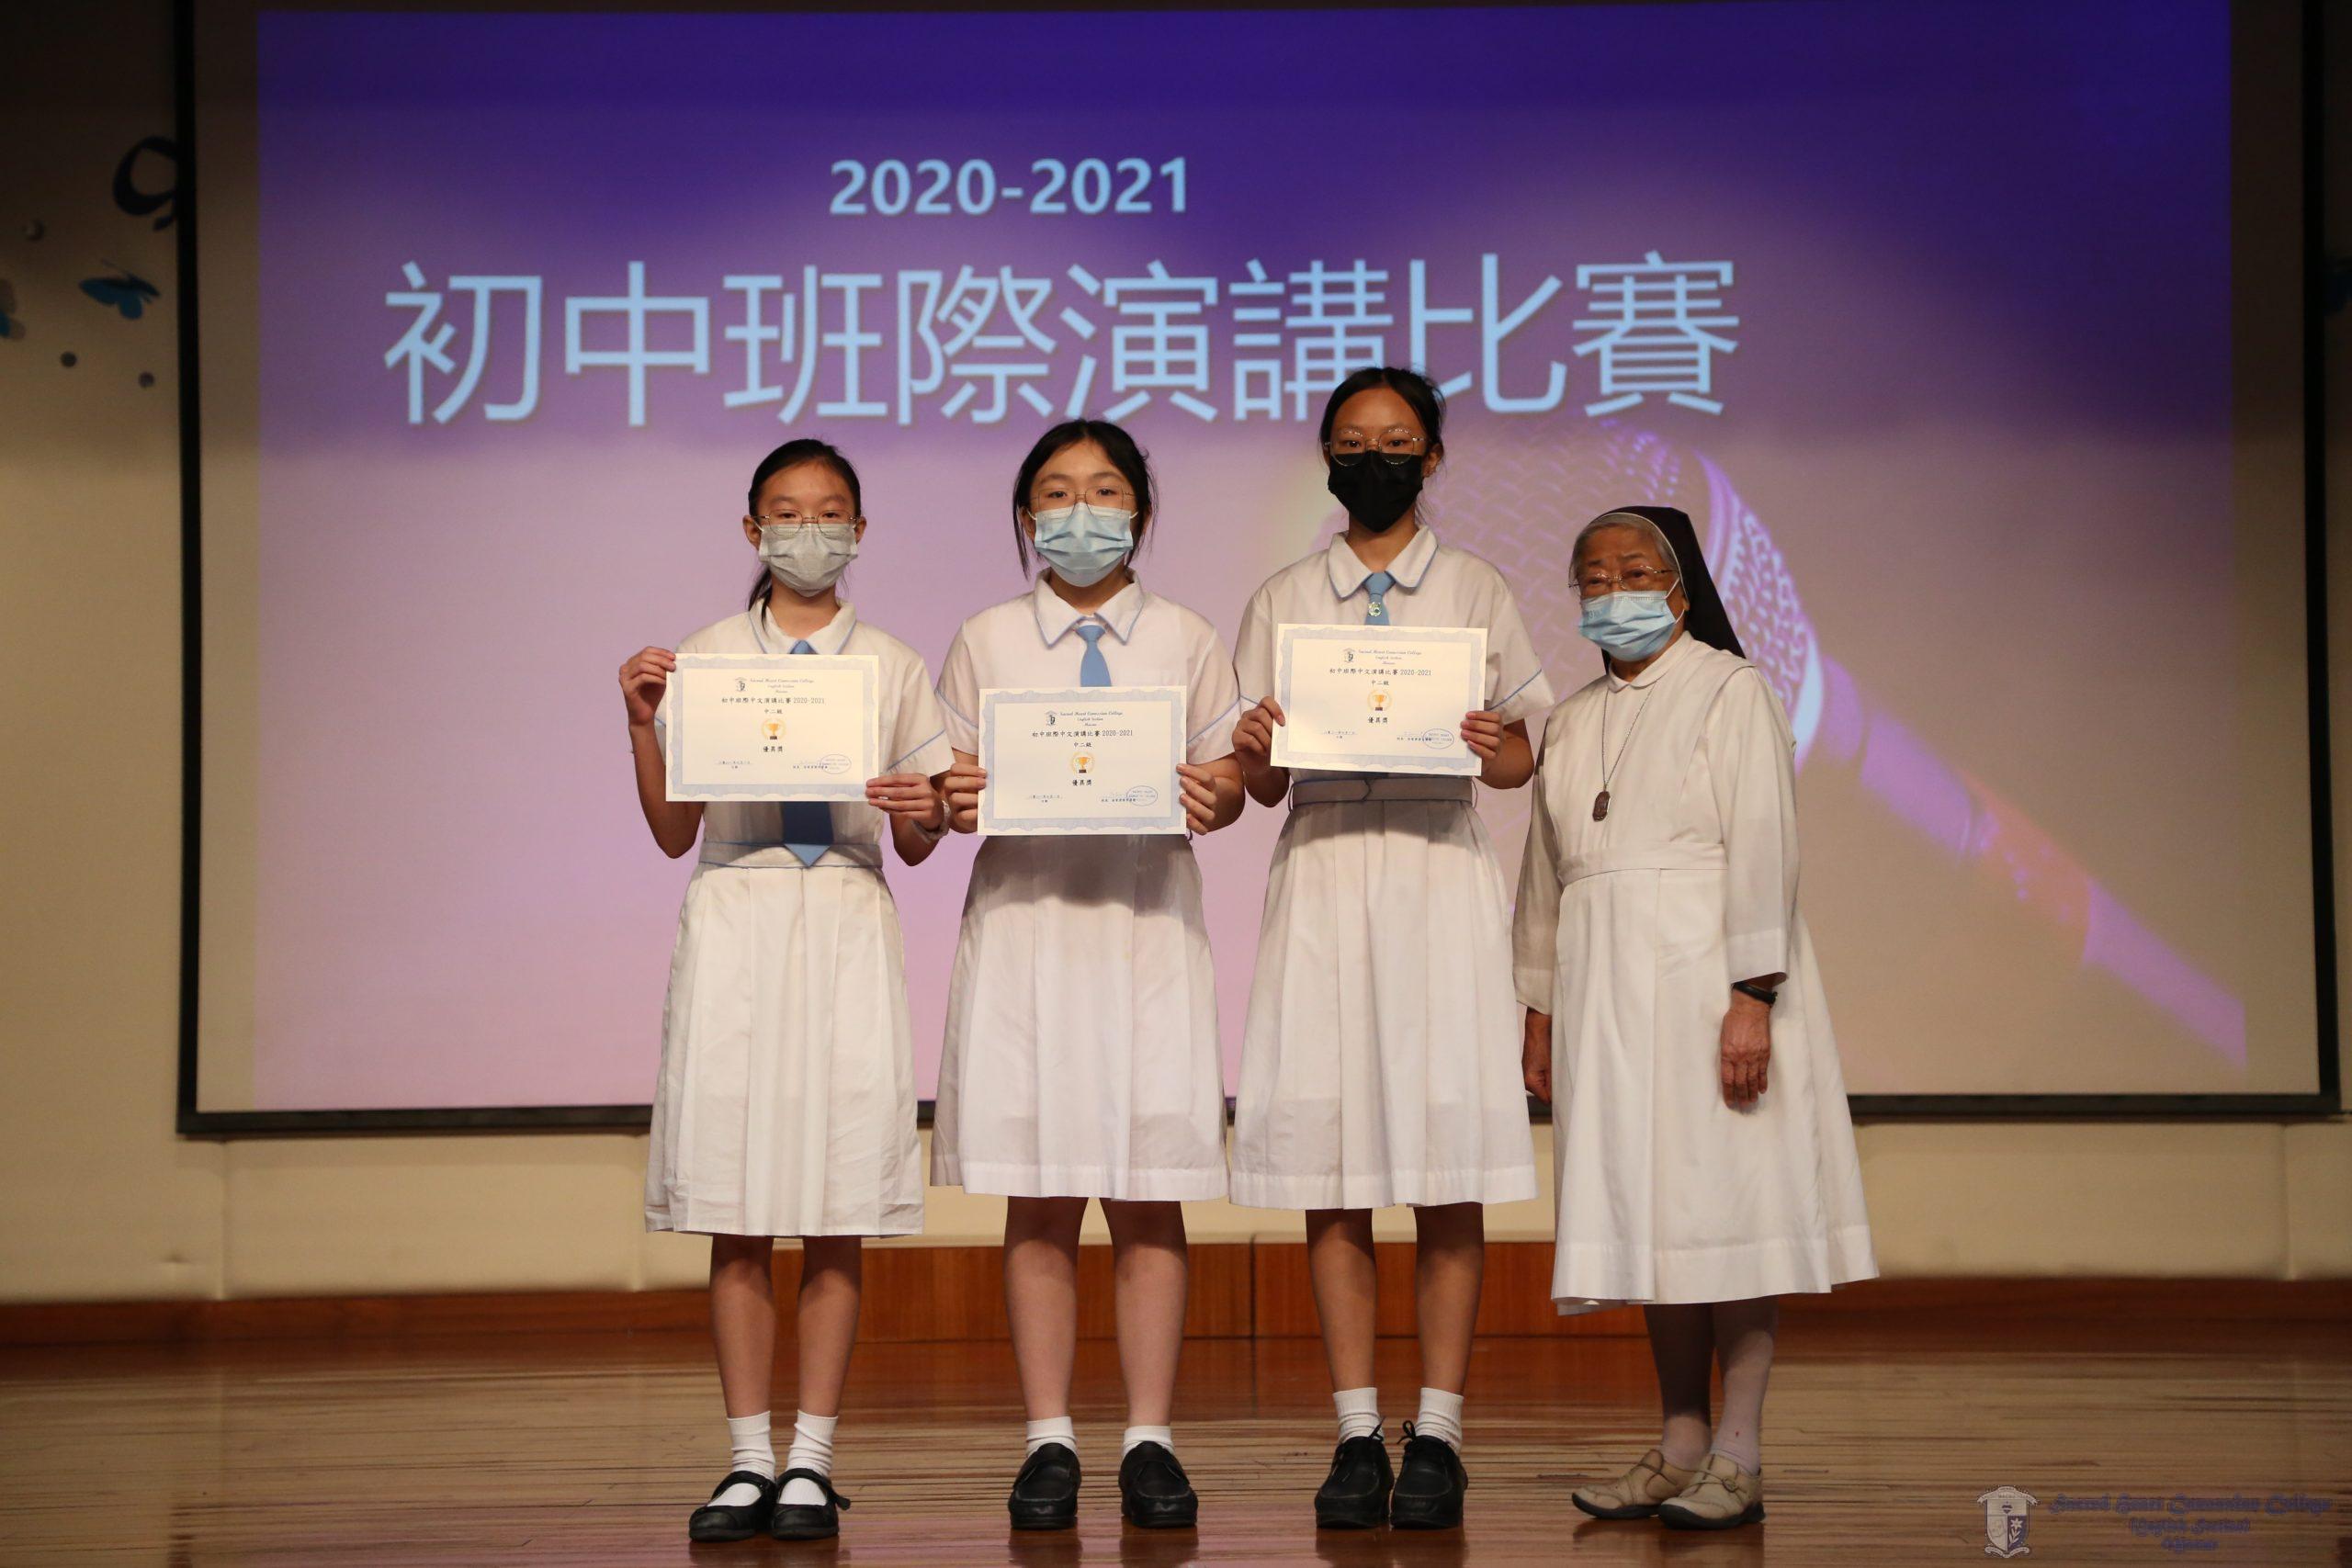 中二級優異獎得主與校監Sr. Dorothy Cheng合照留念